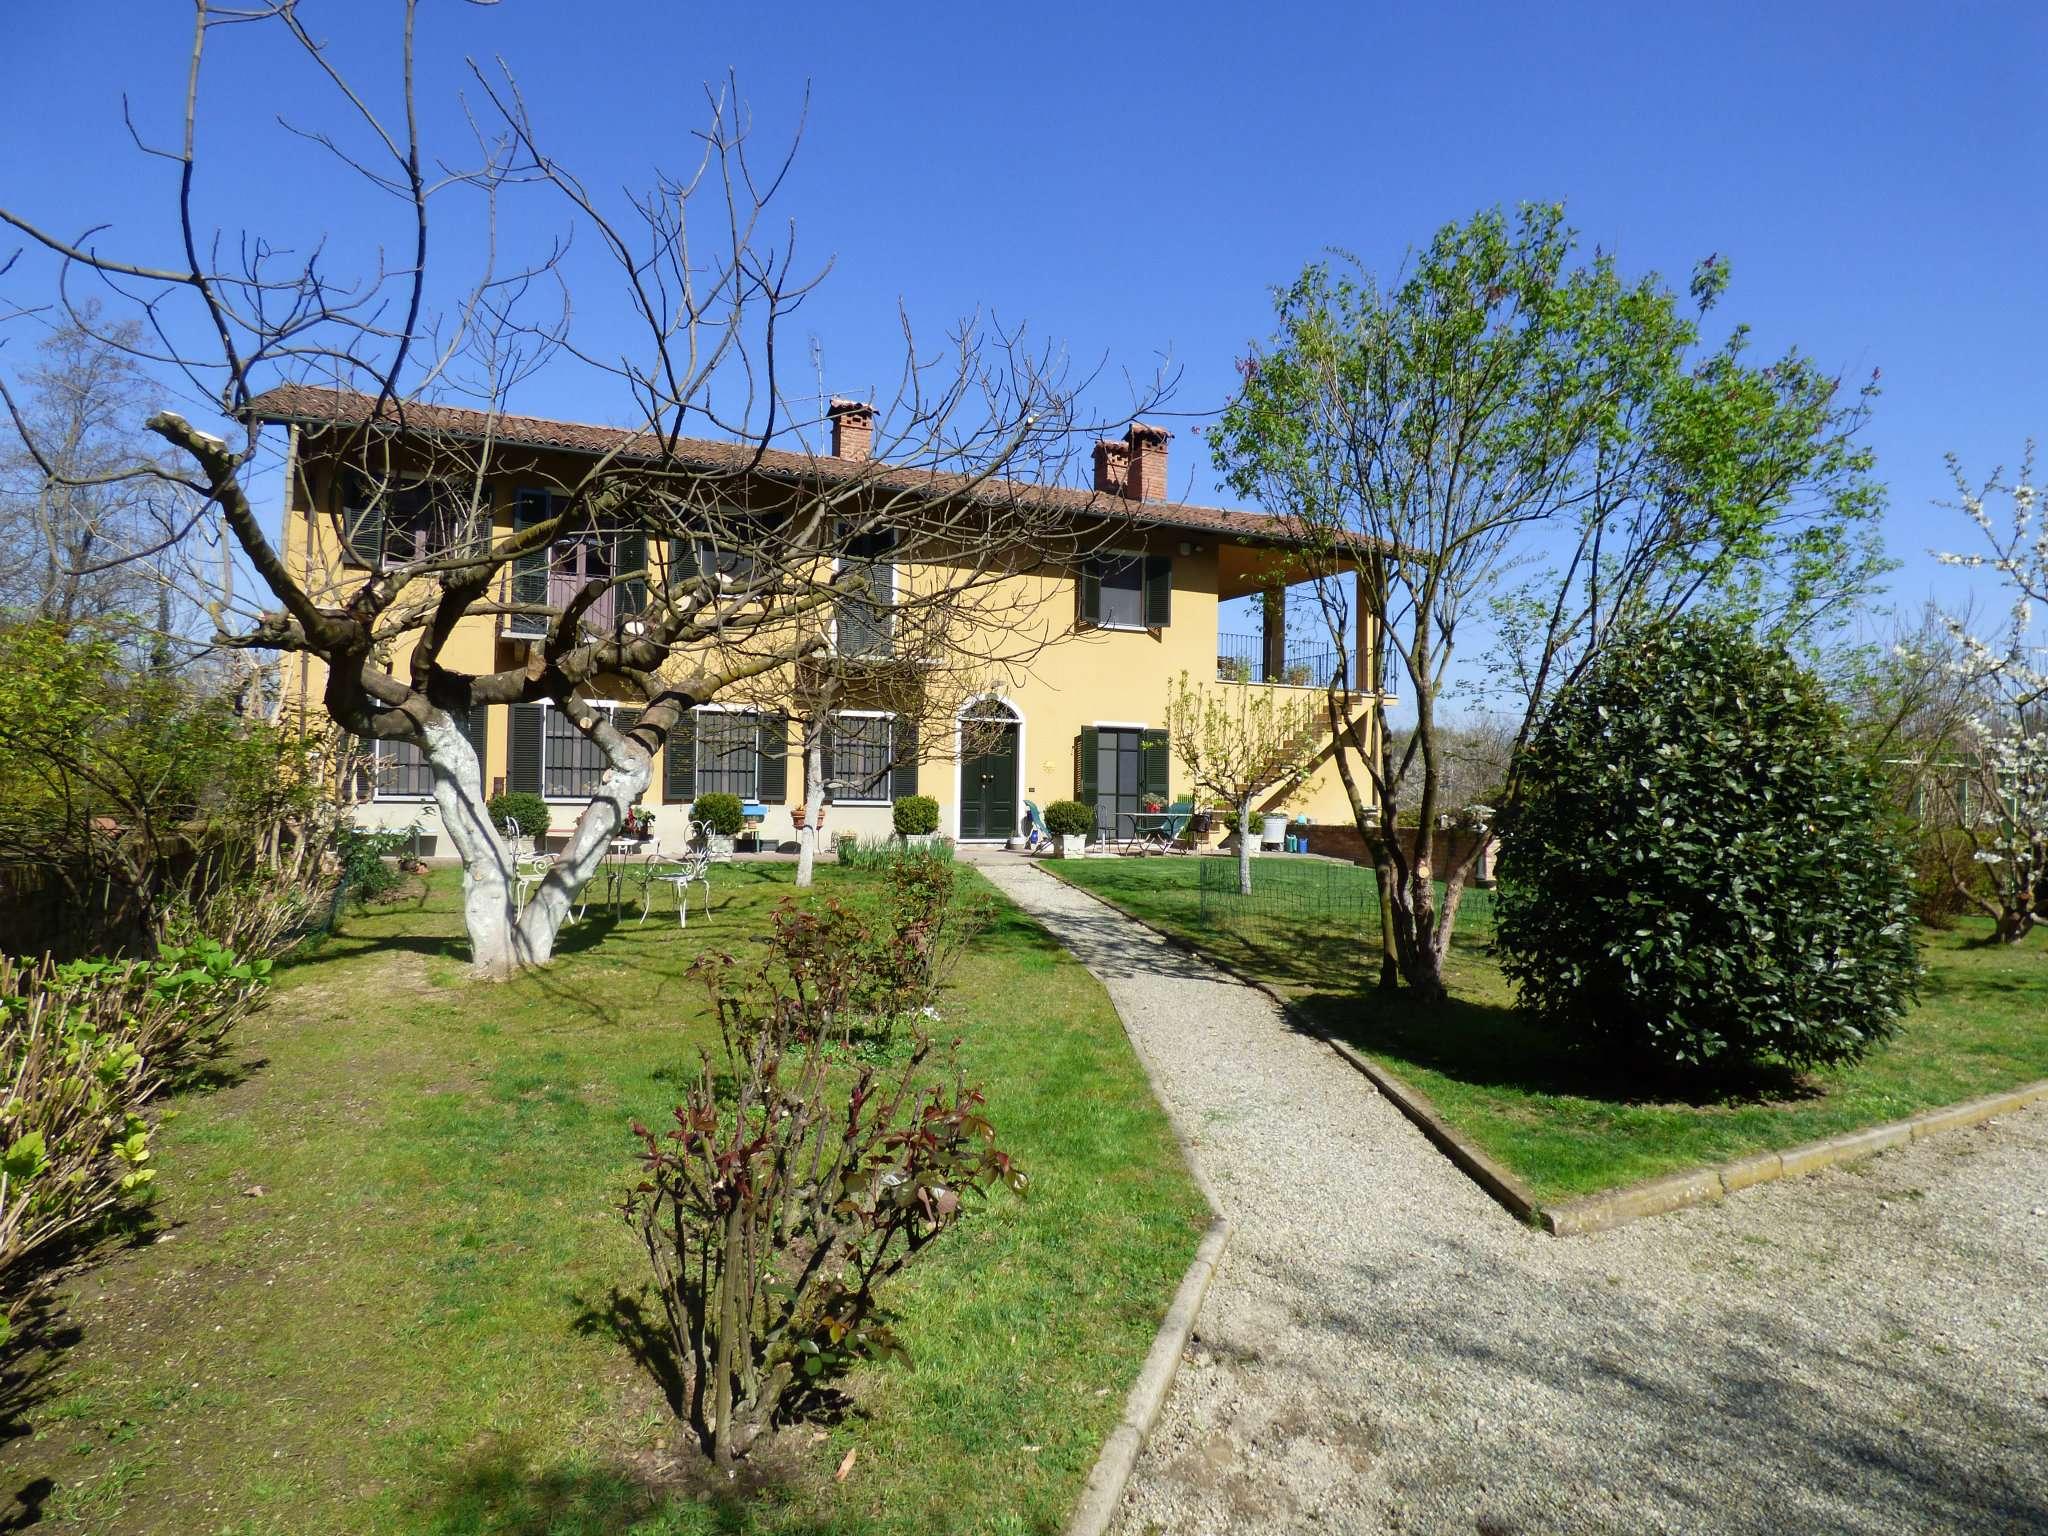 Rustico / Casale in vendita a Soglio, 7 locali, prezzo € 280.000 | Cambio Casa.it